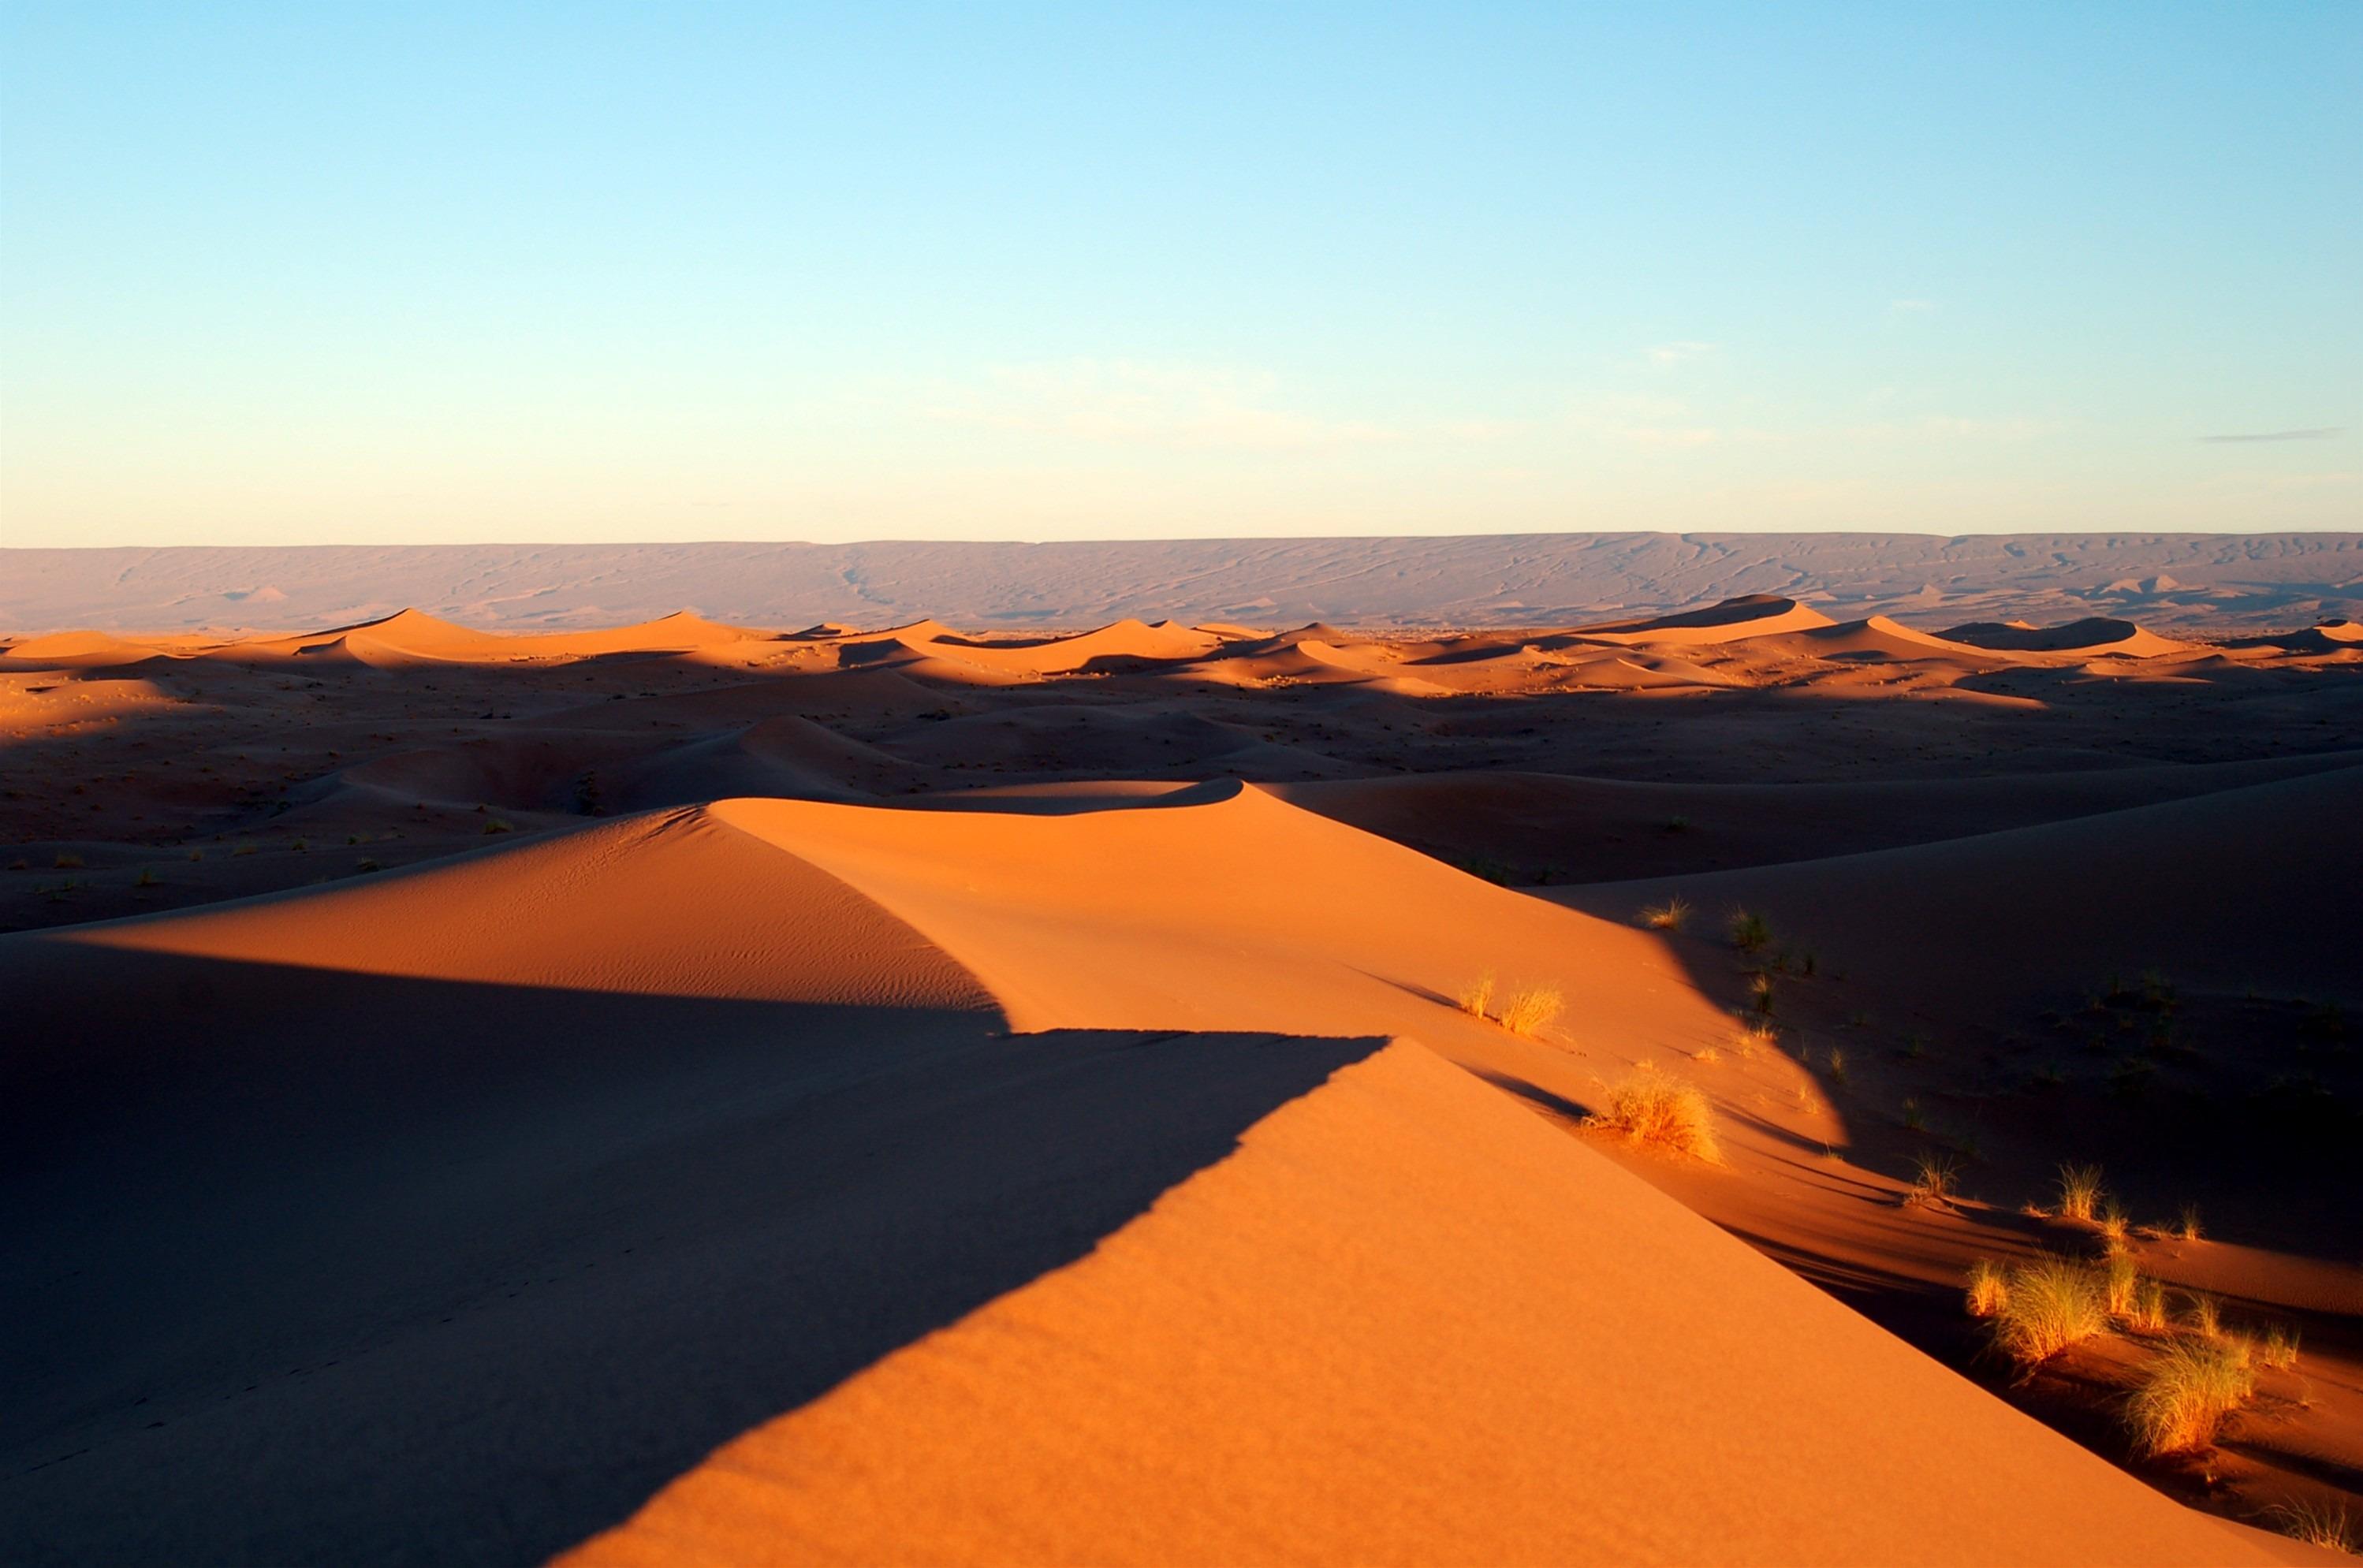 133331 Заставки и Обои Песок на телефон. Скачать Природа, Небо, Песок, Пустыня, Марокко, Африка картинки бесплатно